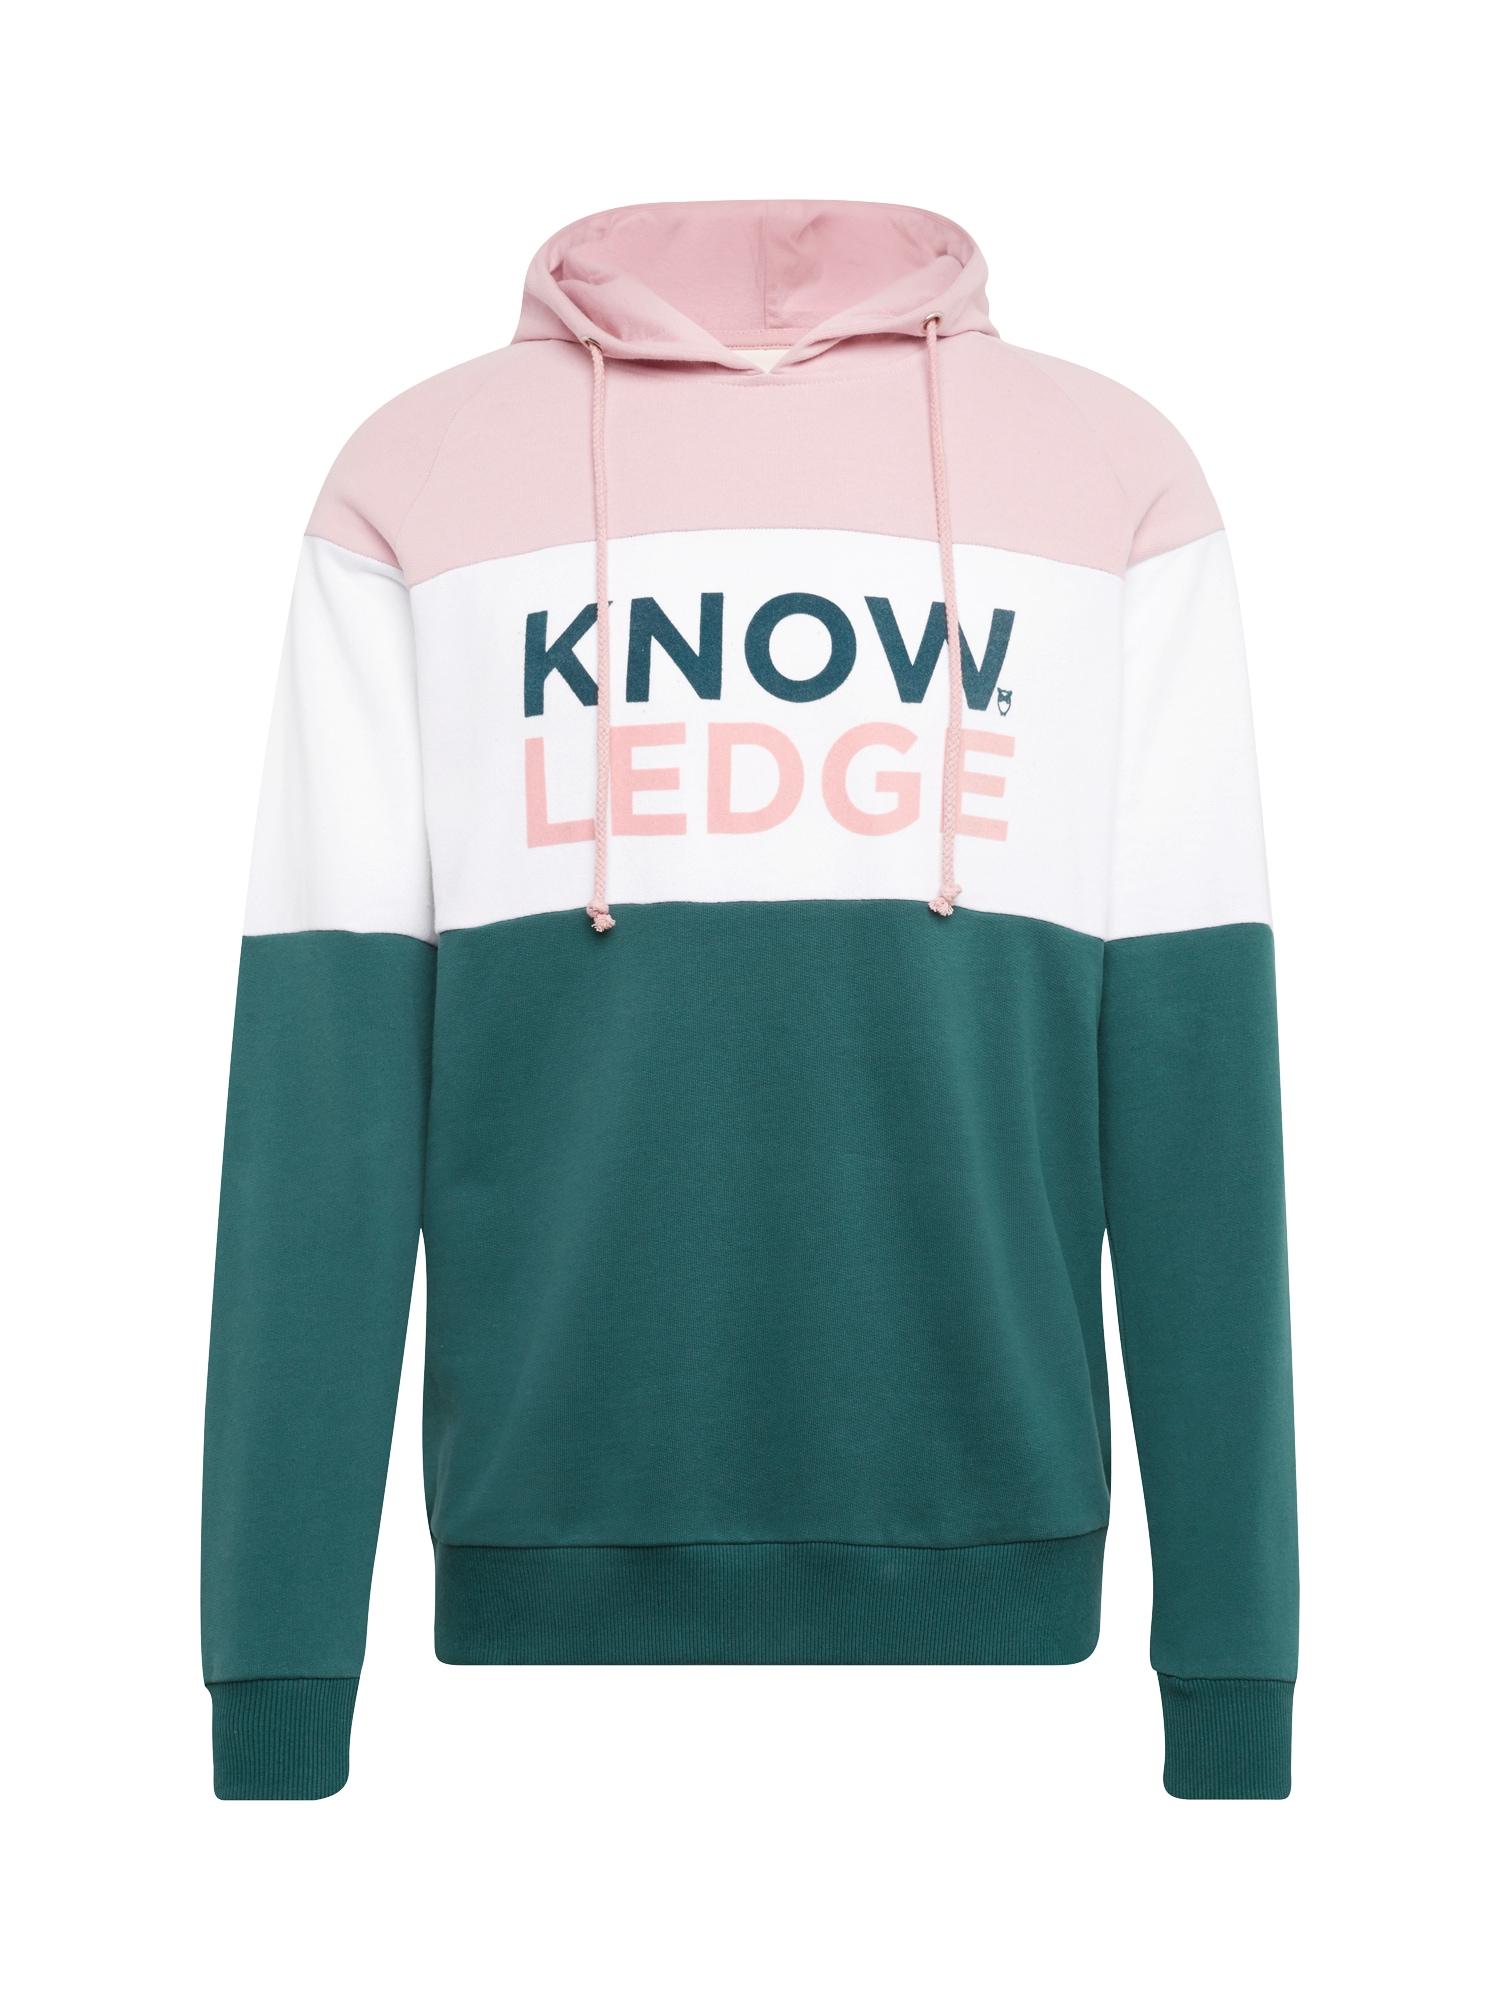 Mikina jedle růžová bílá KnowledgeCotton Apparel